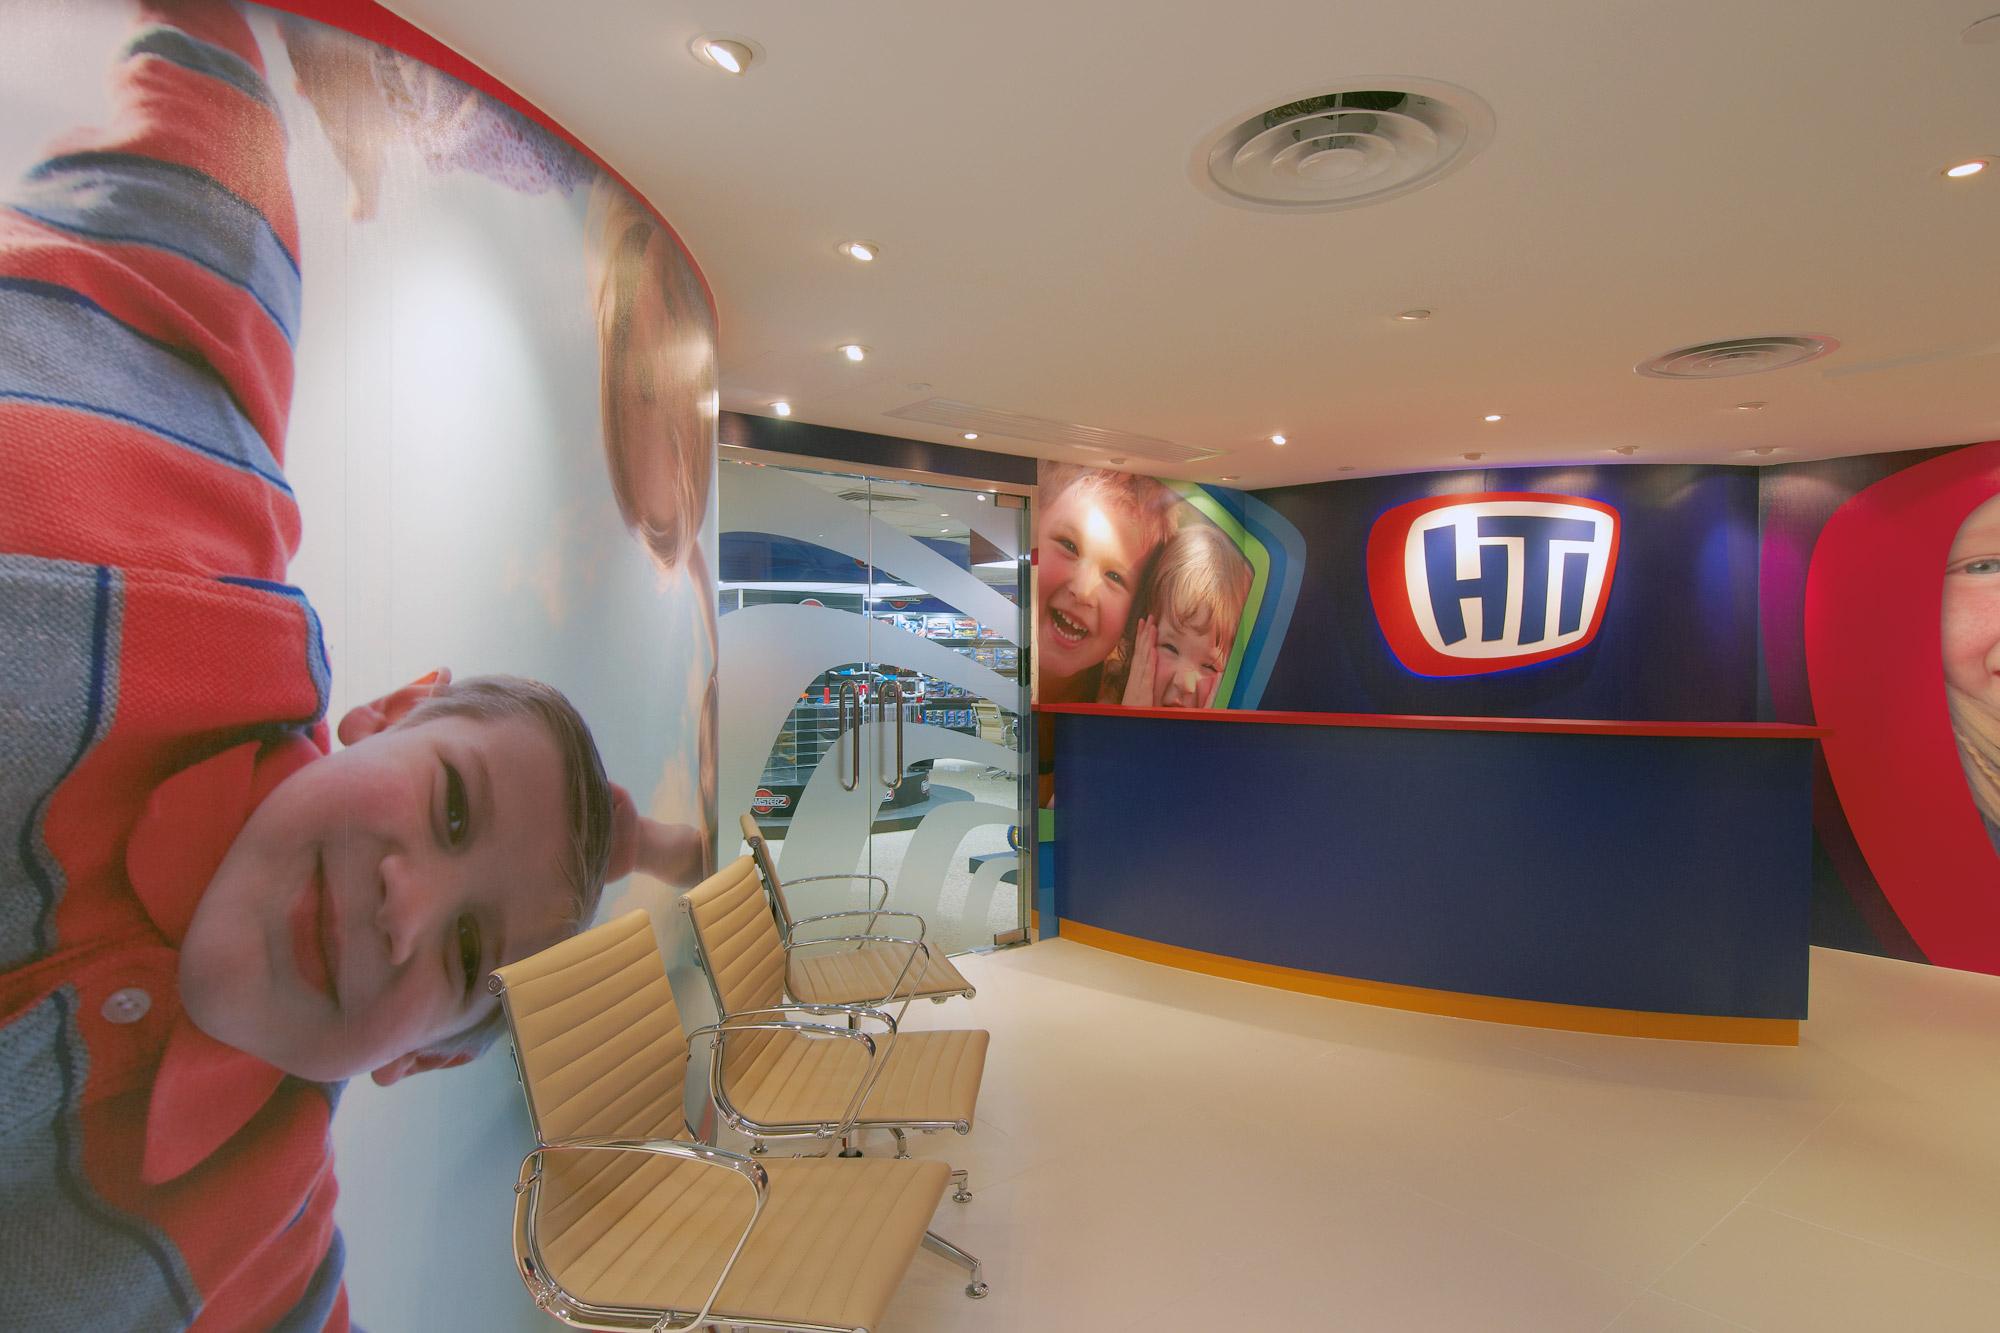 HTI Hong Kong showroom design